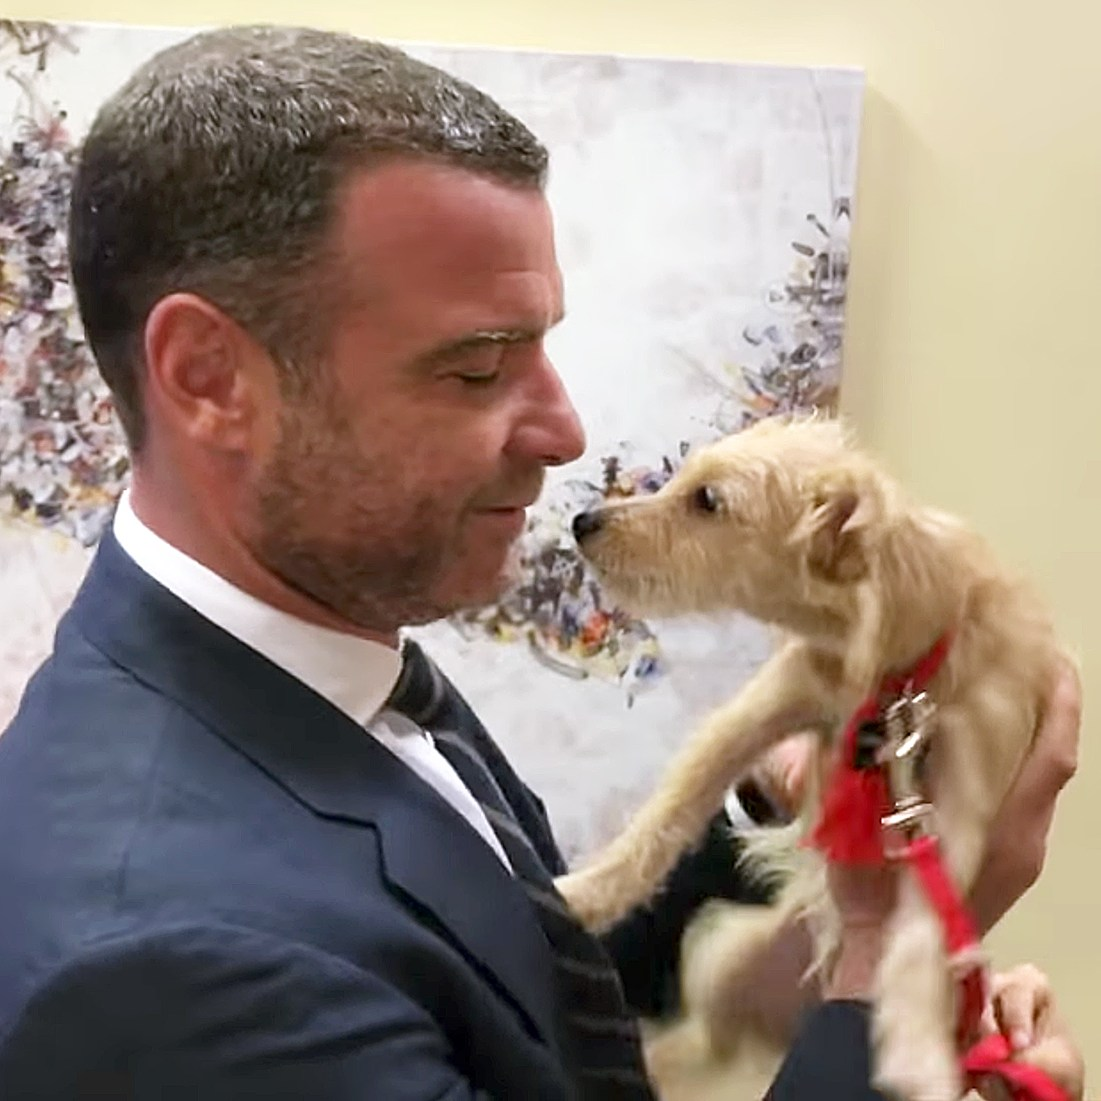 Liev Schrieber puppy hurricane